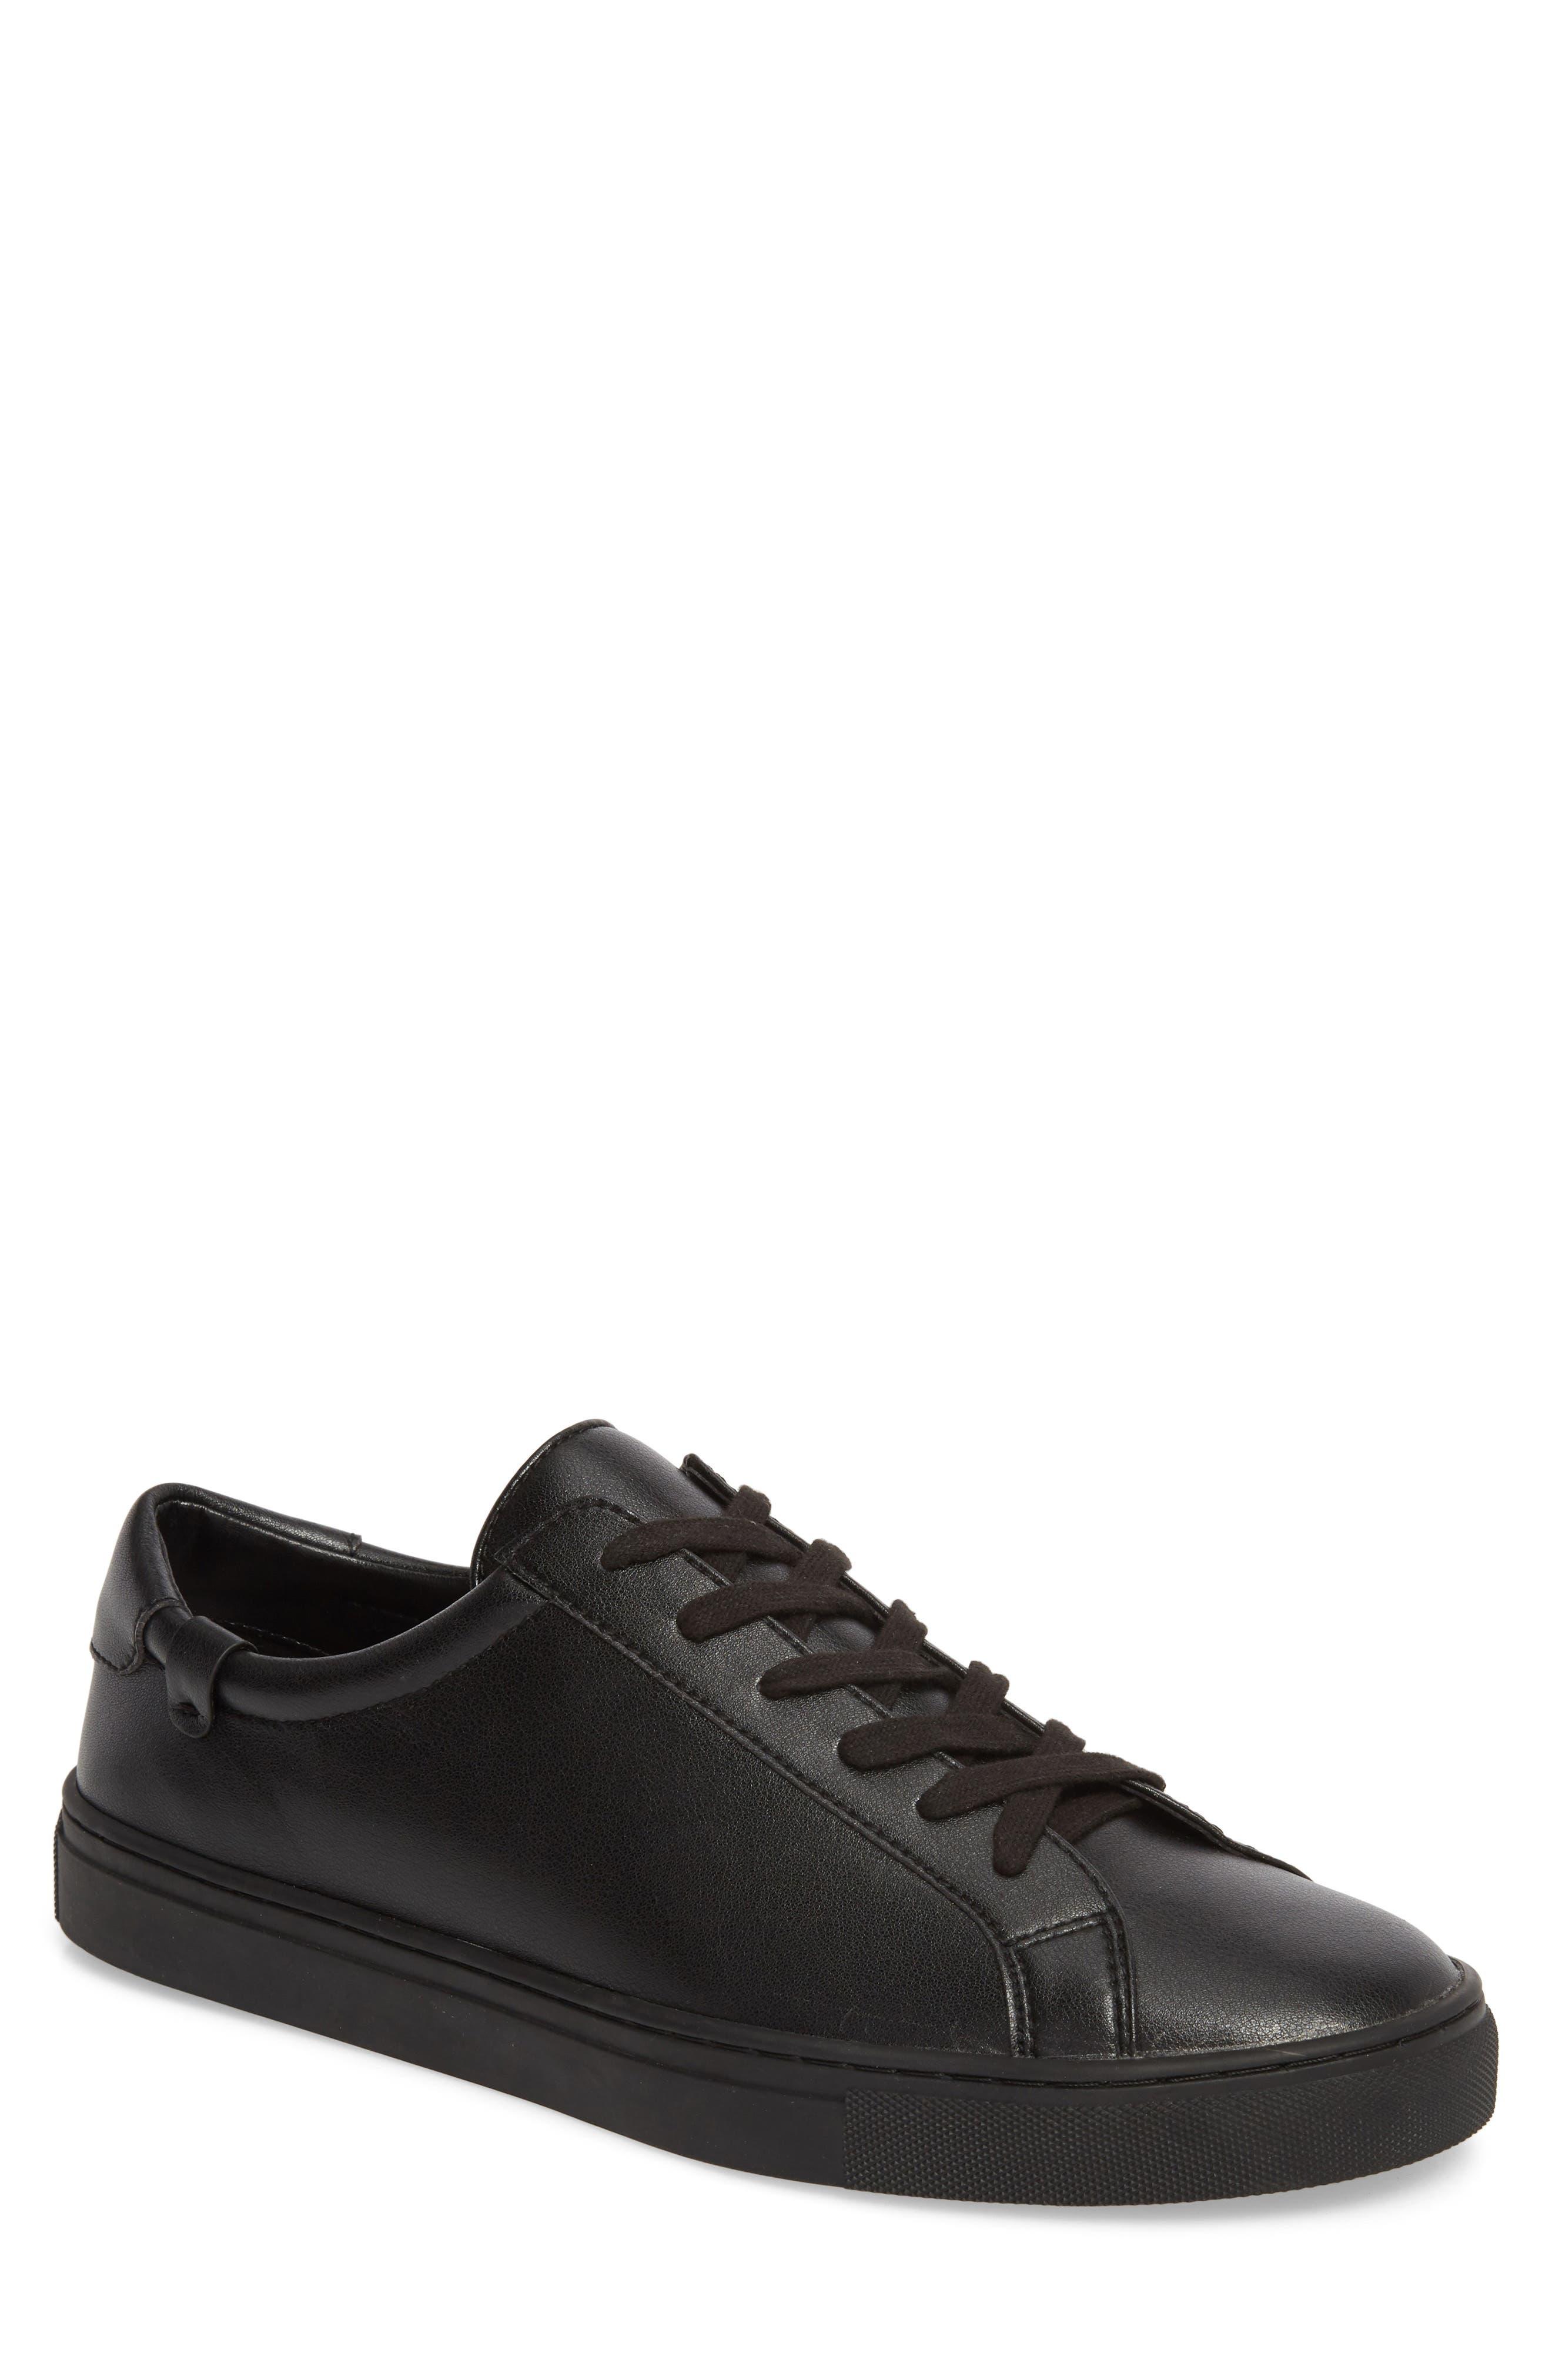 Original Low Top Sneaker,                         Main,                         color, BLACK / BLACK